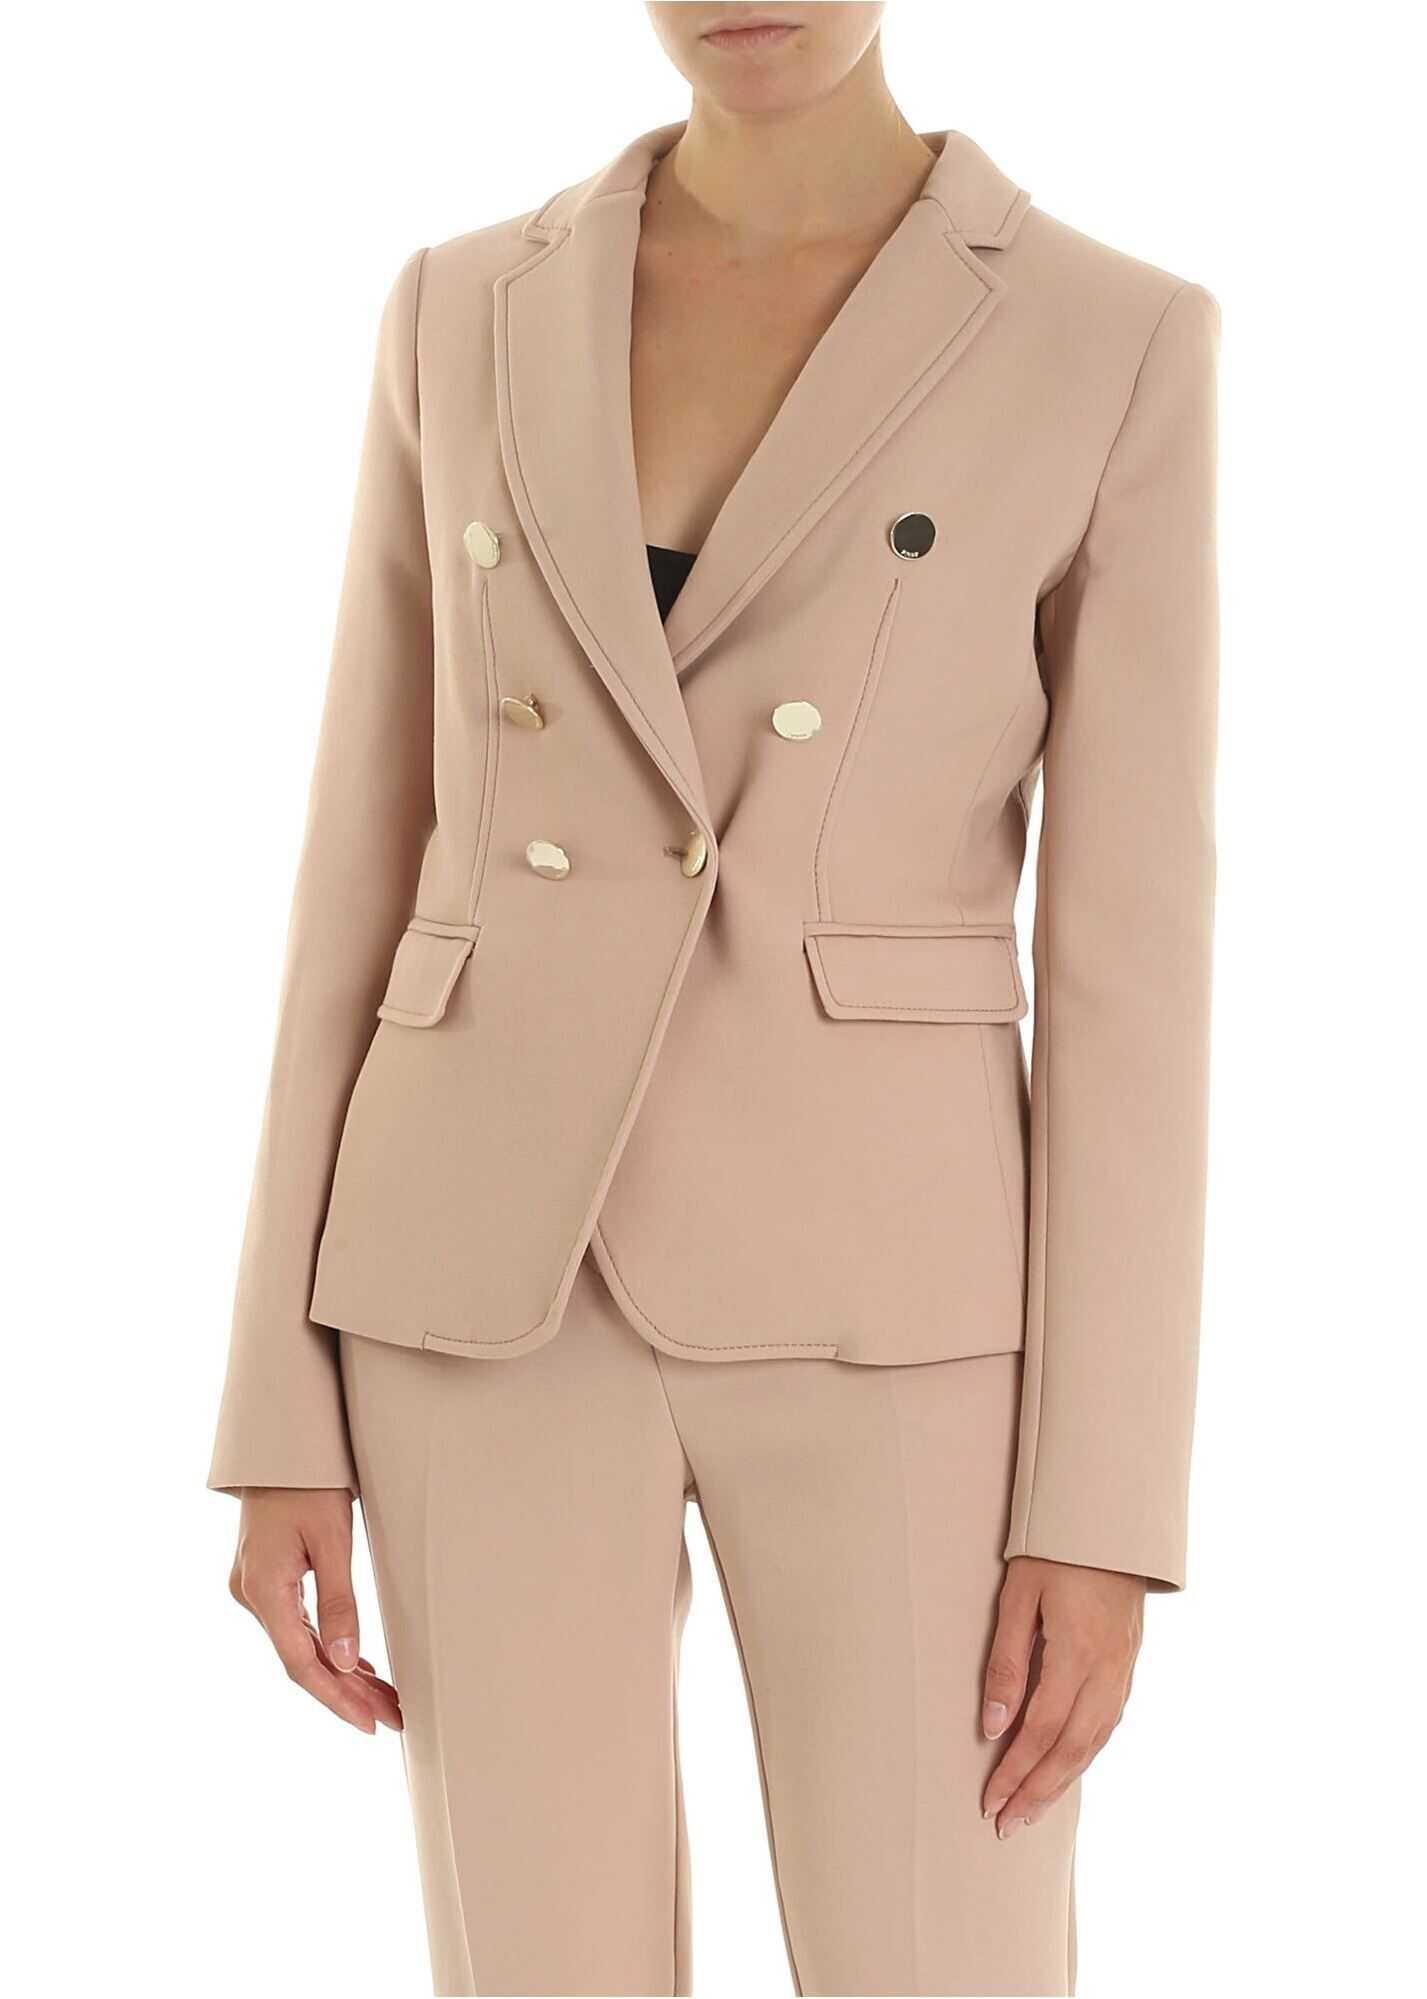 Pinko Grondaia 1 Jacket In Powder Pink Pink